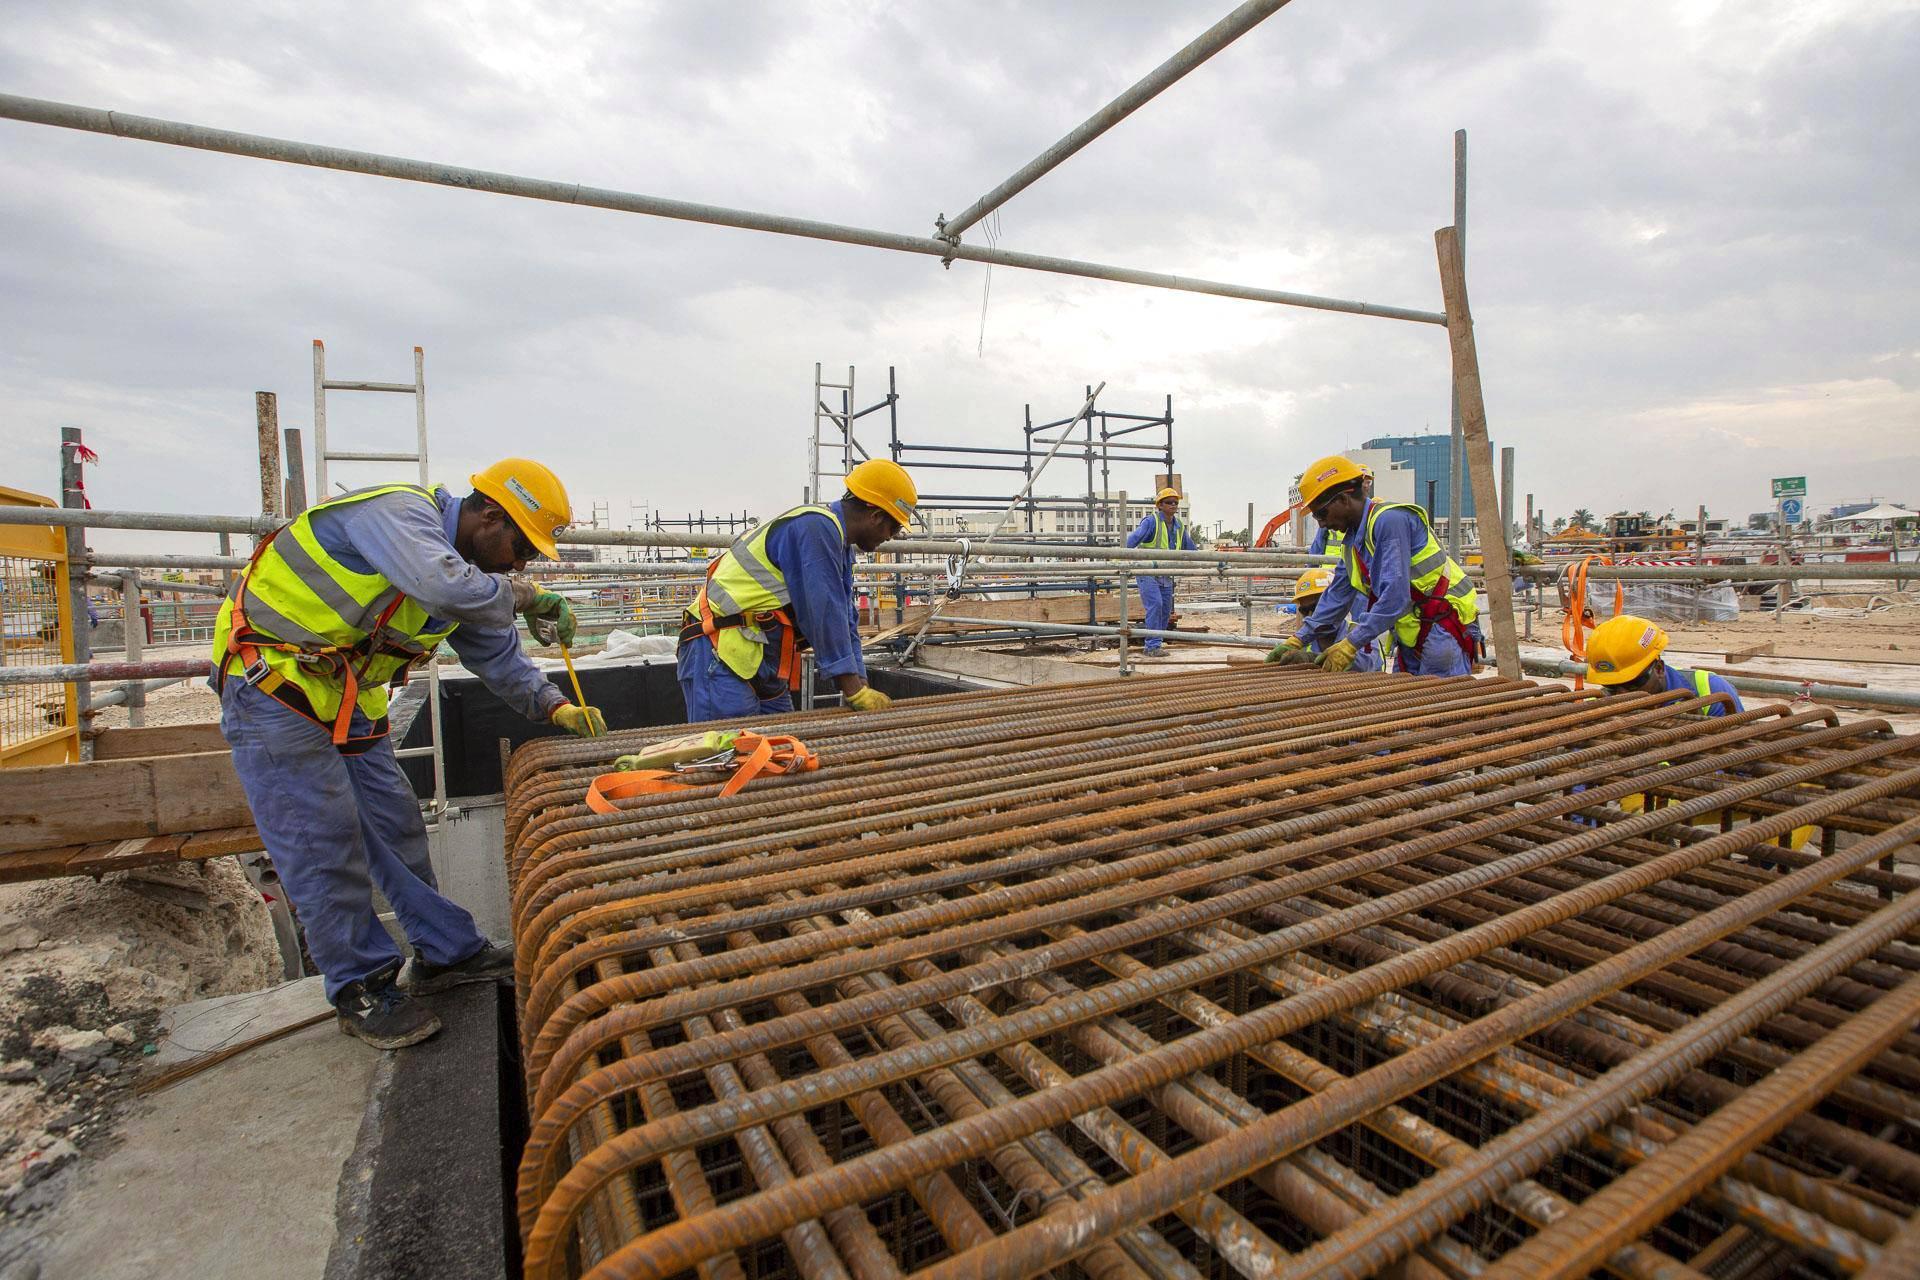 Qatarissa on liian kuuma jalkapalloilijoille, mutta ei stadionien rakentajille: 60 tunnin työviikko puurretaa